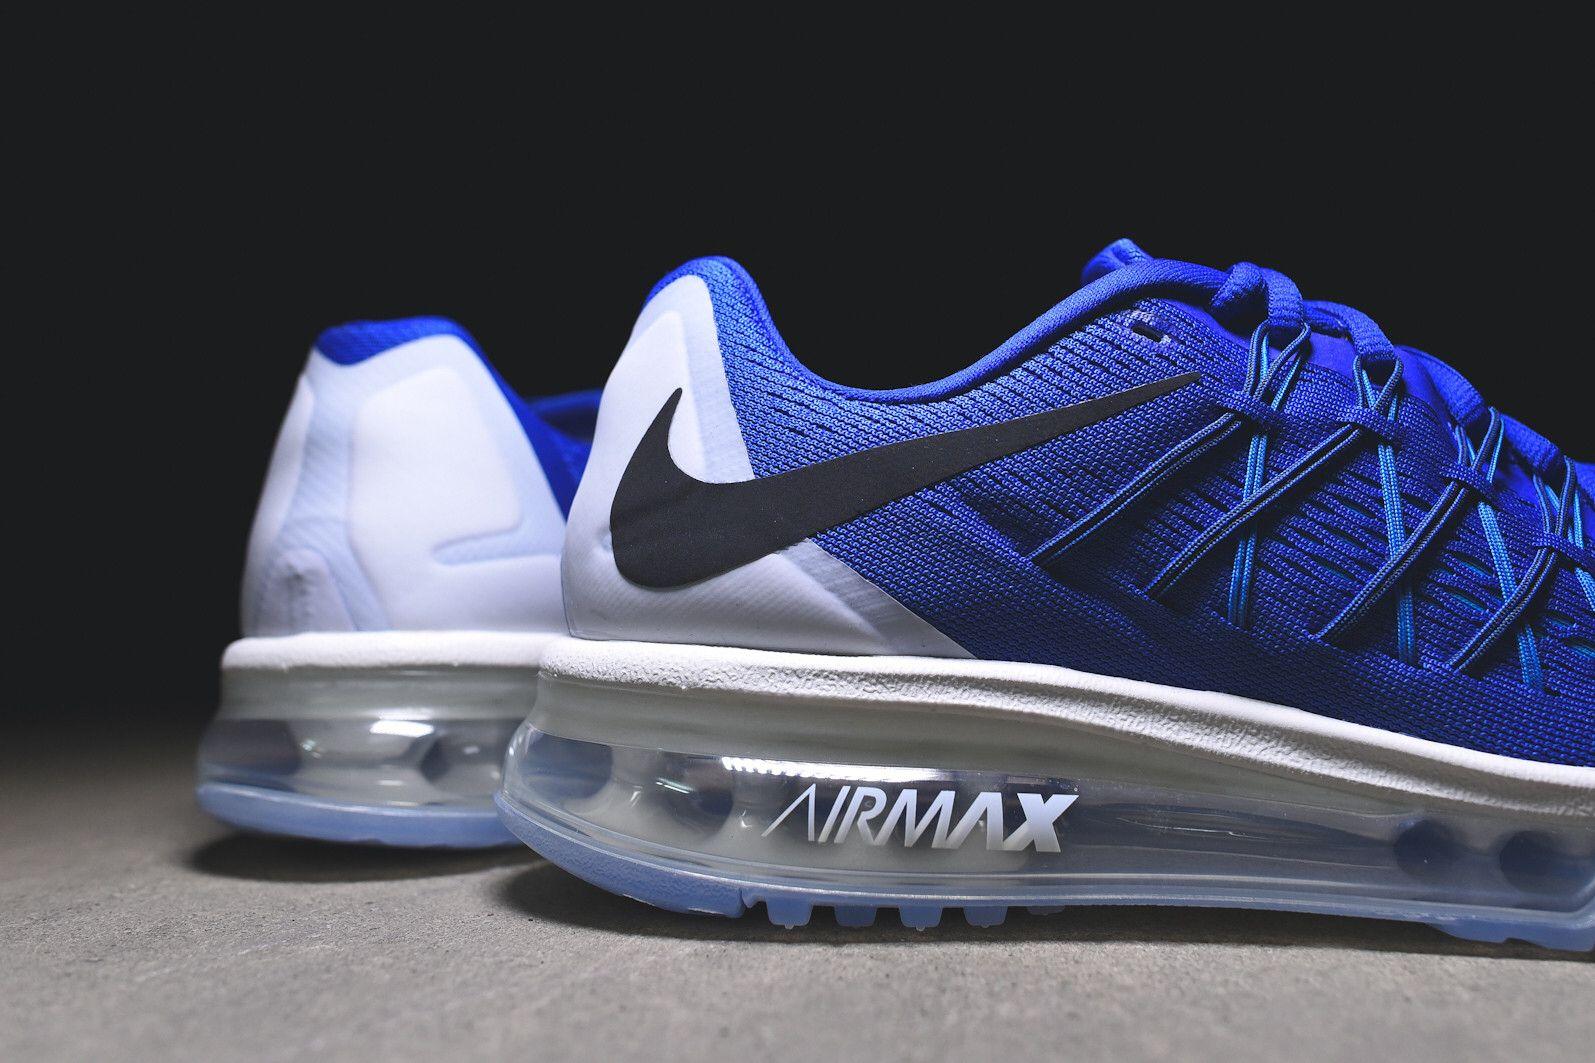 new product a3212 73bc8 Nike Airmax 2015 Royal Blue  nikeairmax2015